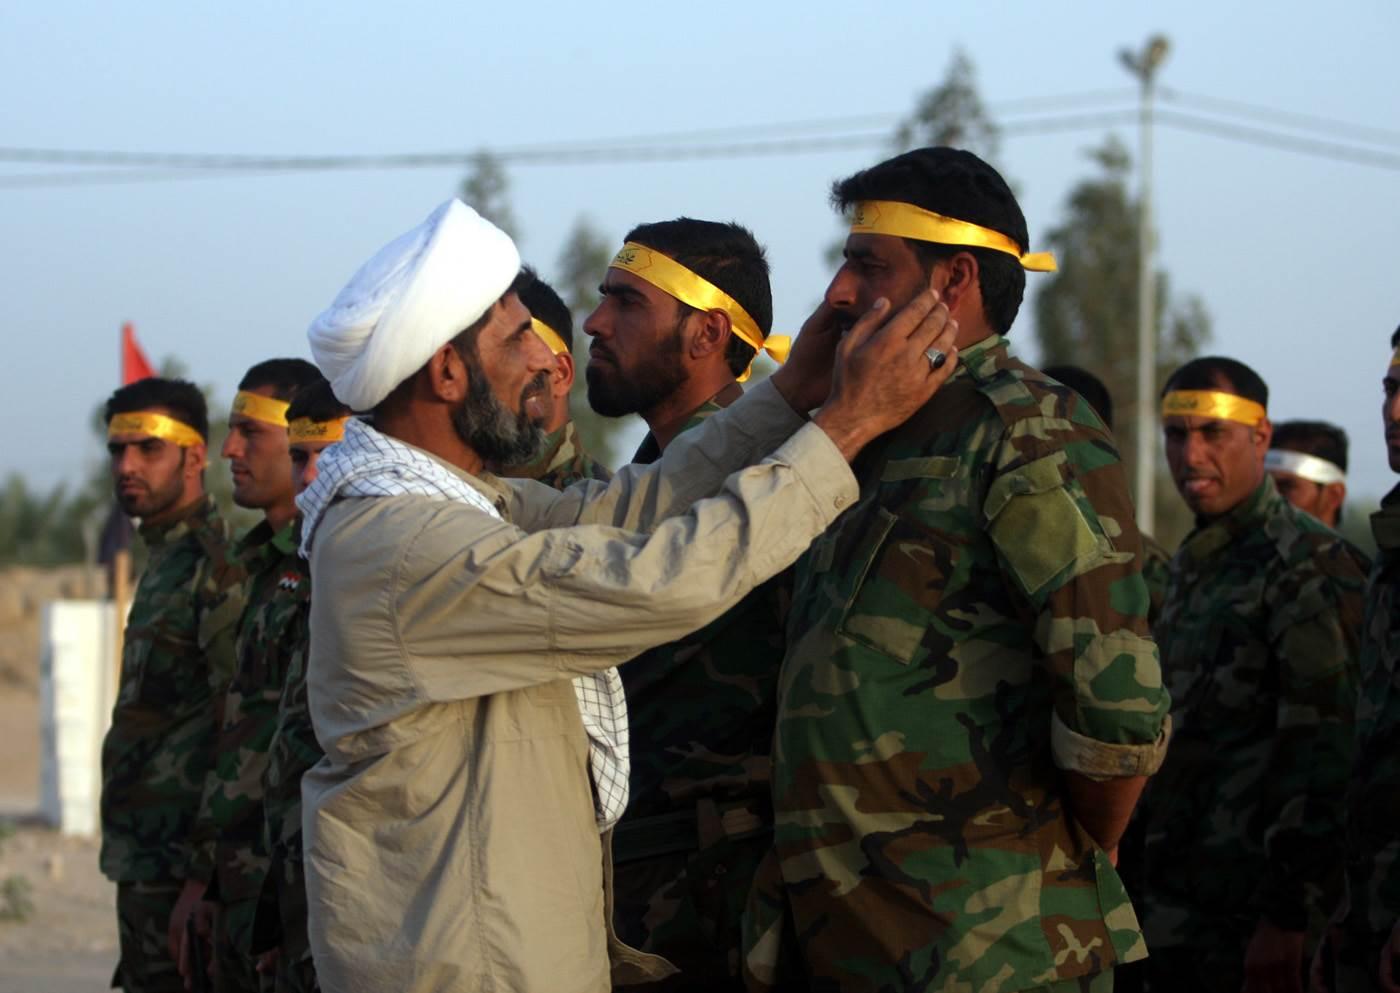 IRAQ ARMED CONFLICT SHIITE MILITA